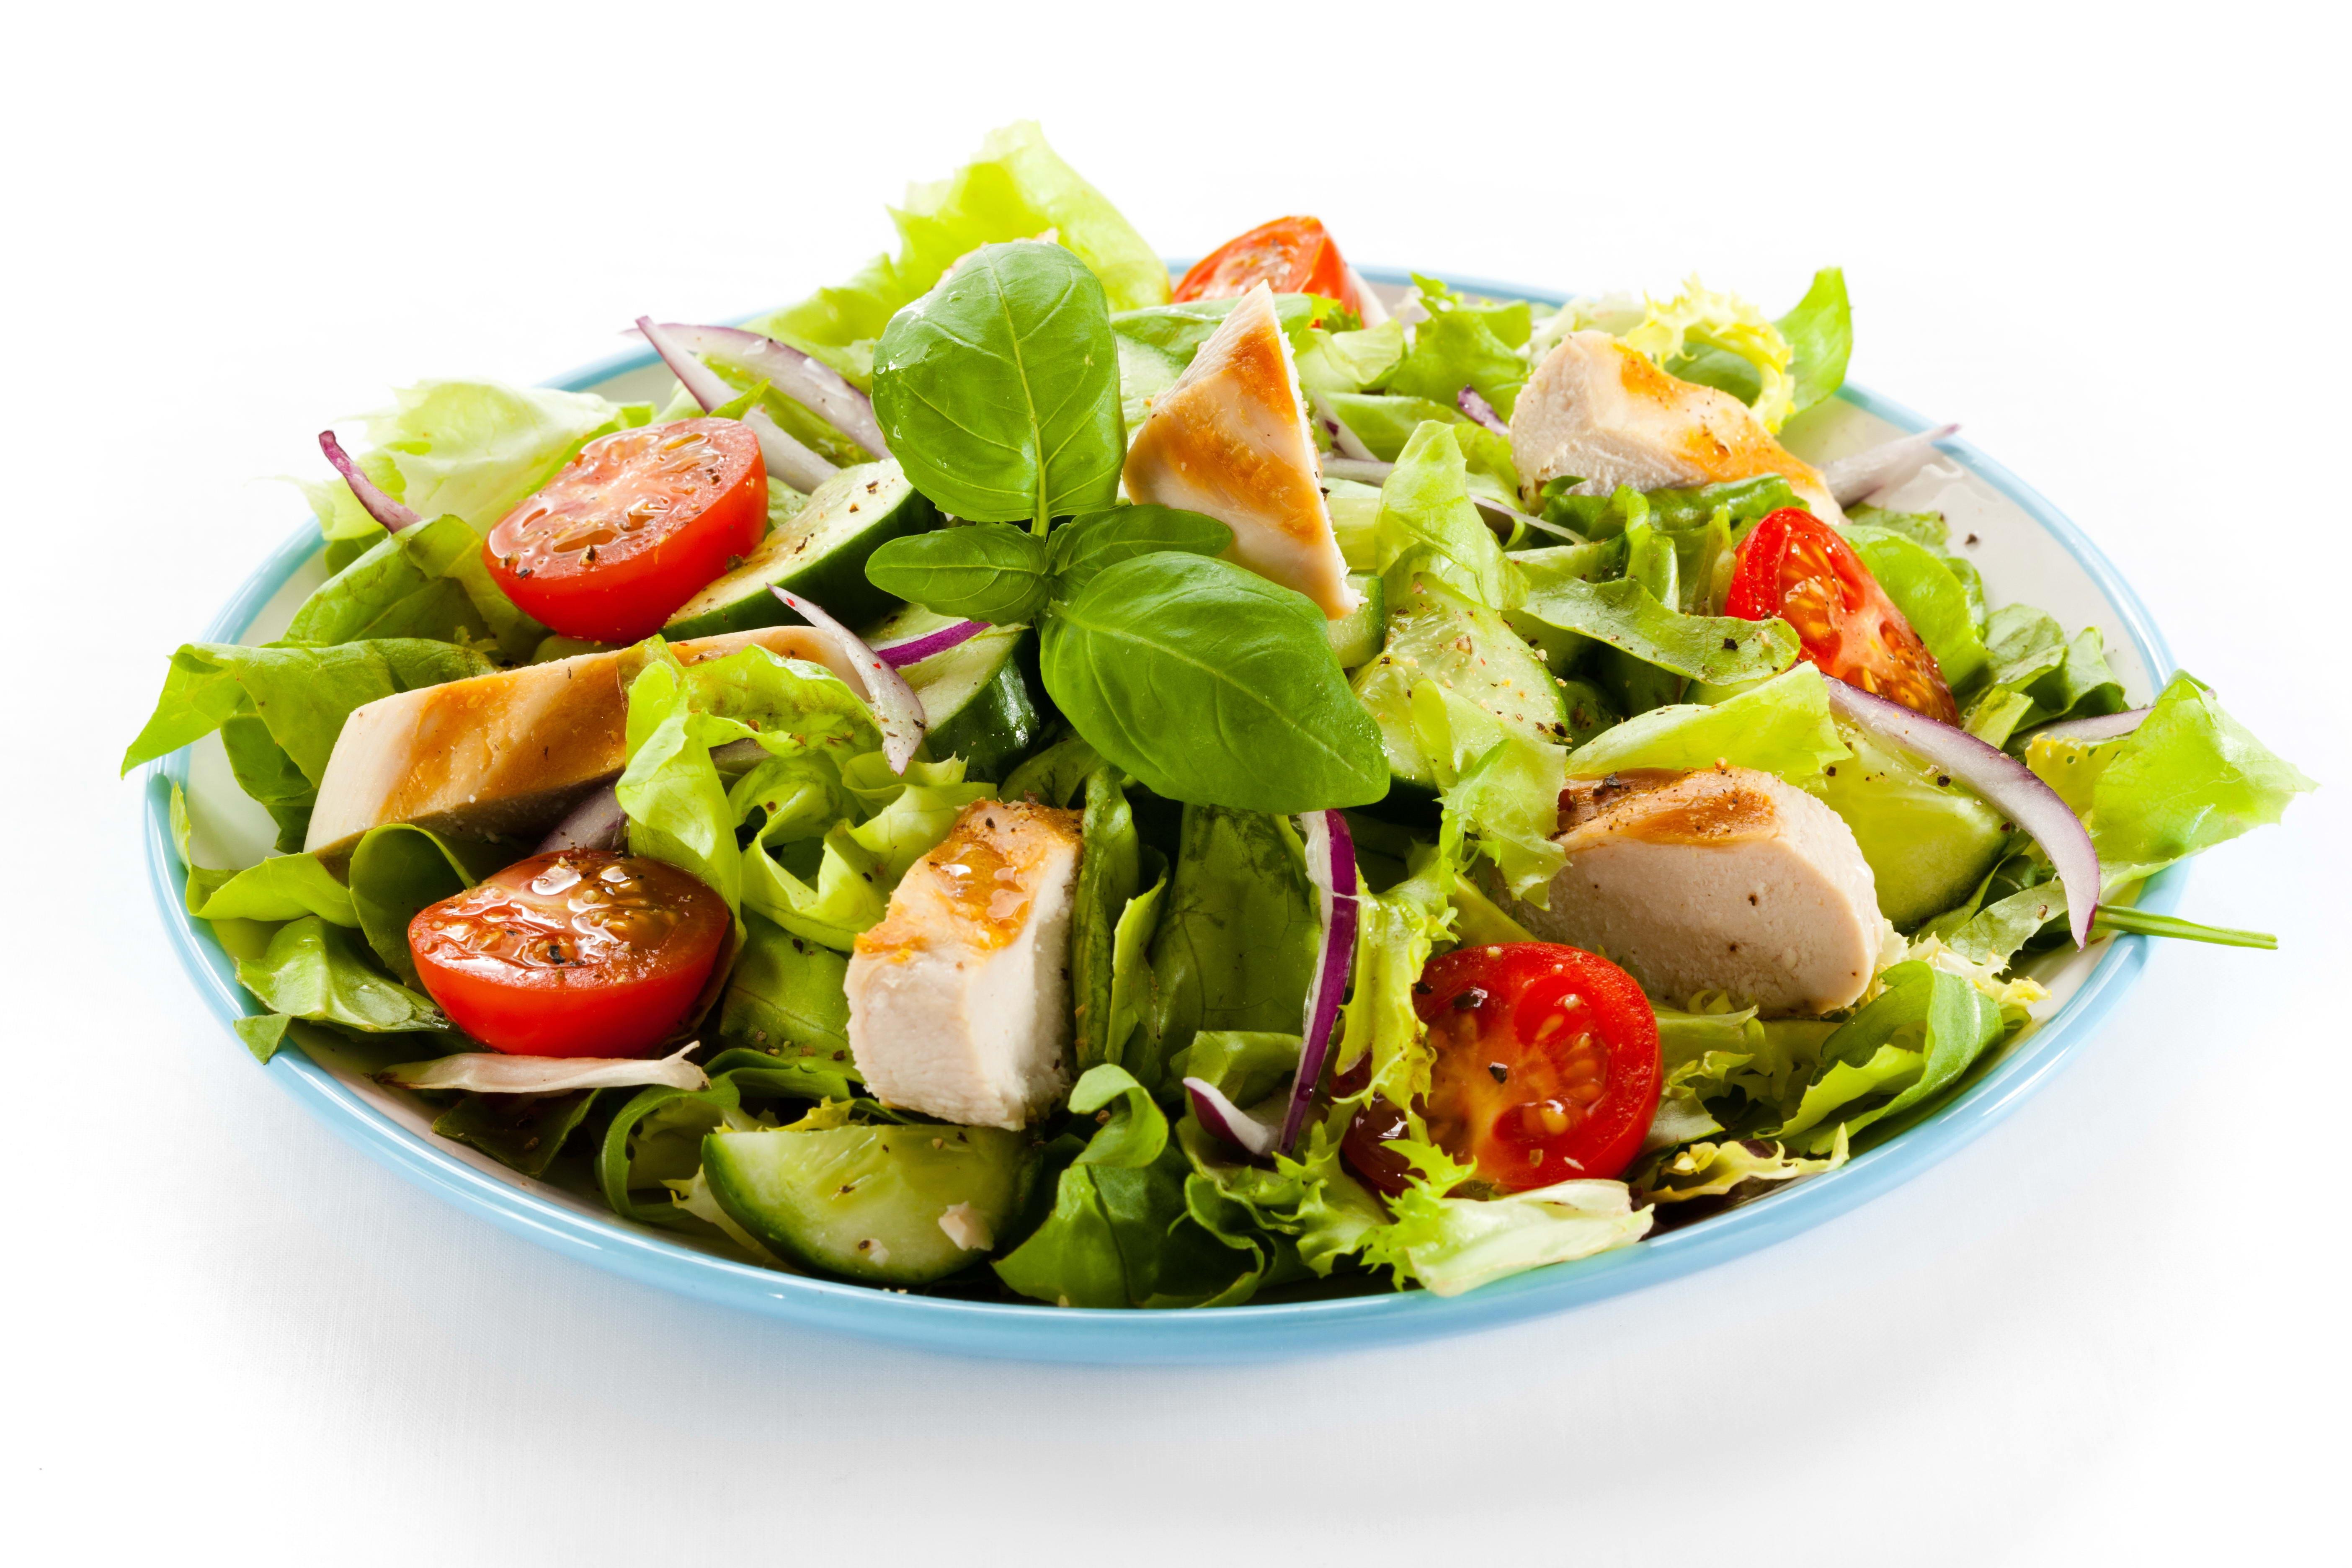 Masaüstü Gıda Domates Beyaz Arkaplan Plaka Salata Mutfak